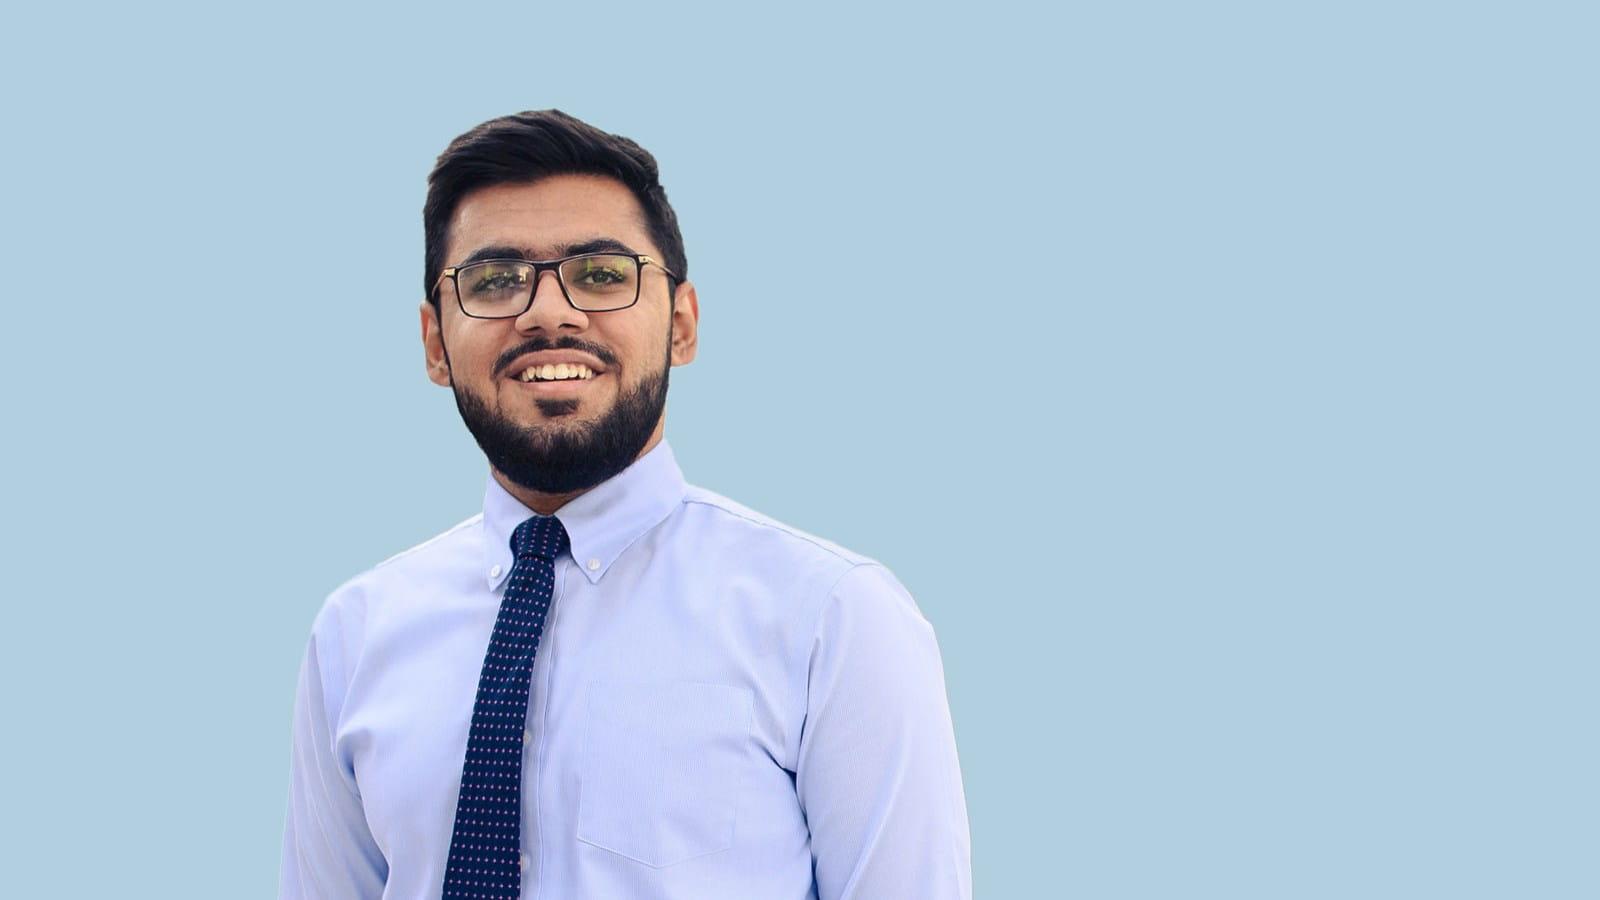 ACA student Taha Nadeem